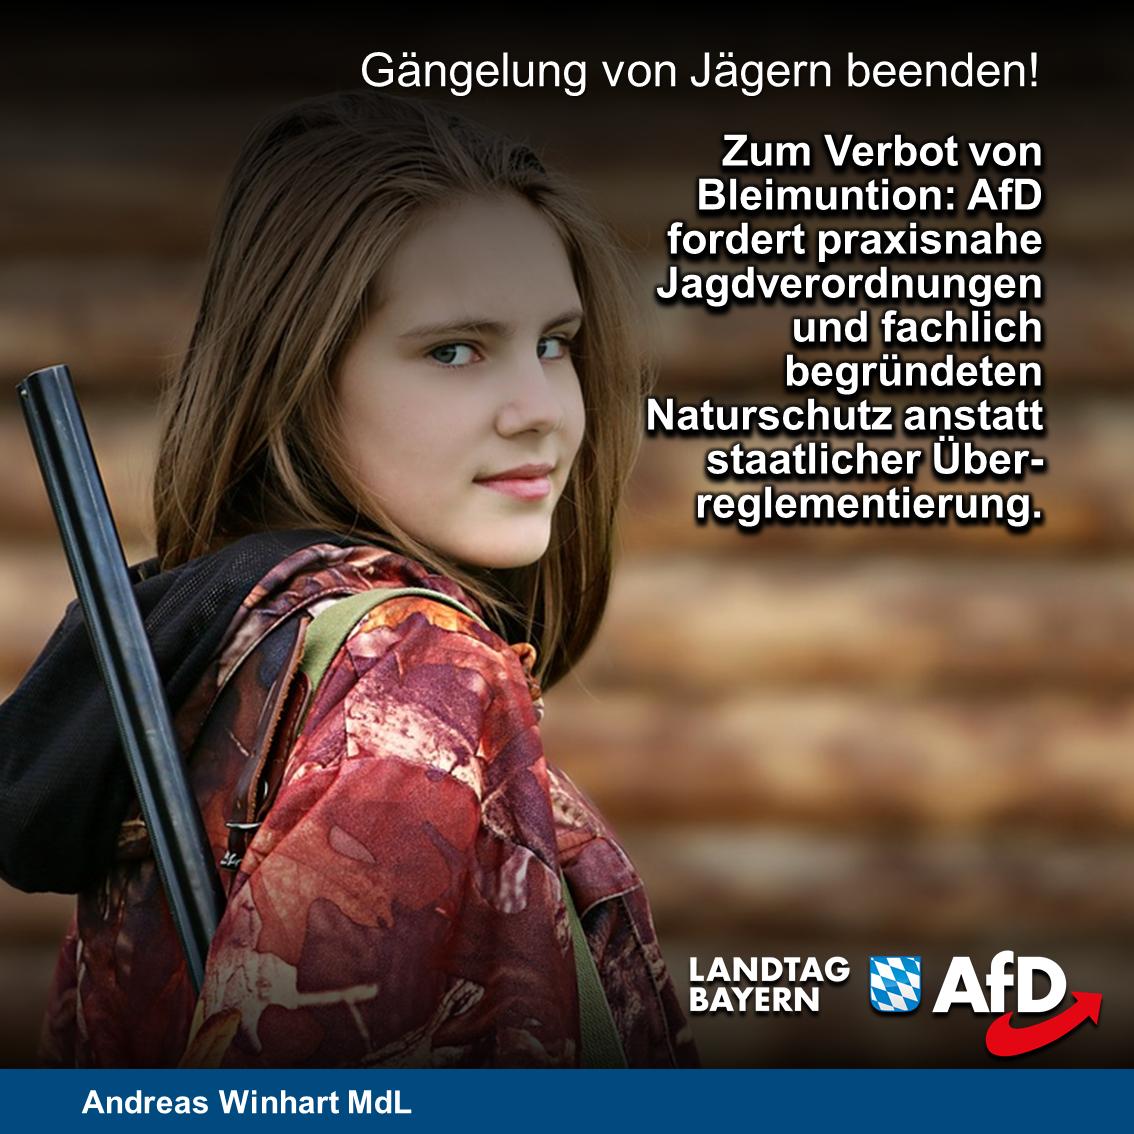 Verbot von Bleimunition: AfD-Abgeordnete fordern praxisnahe Jagdverordnungen und fachlich begründeten Naturschutz